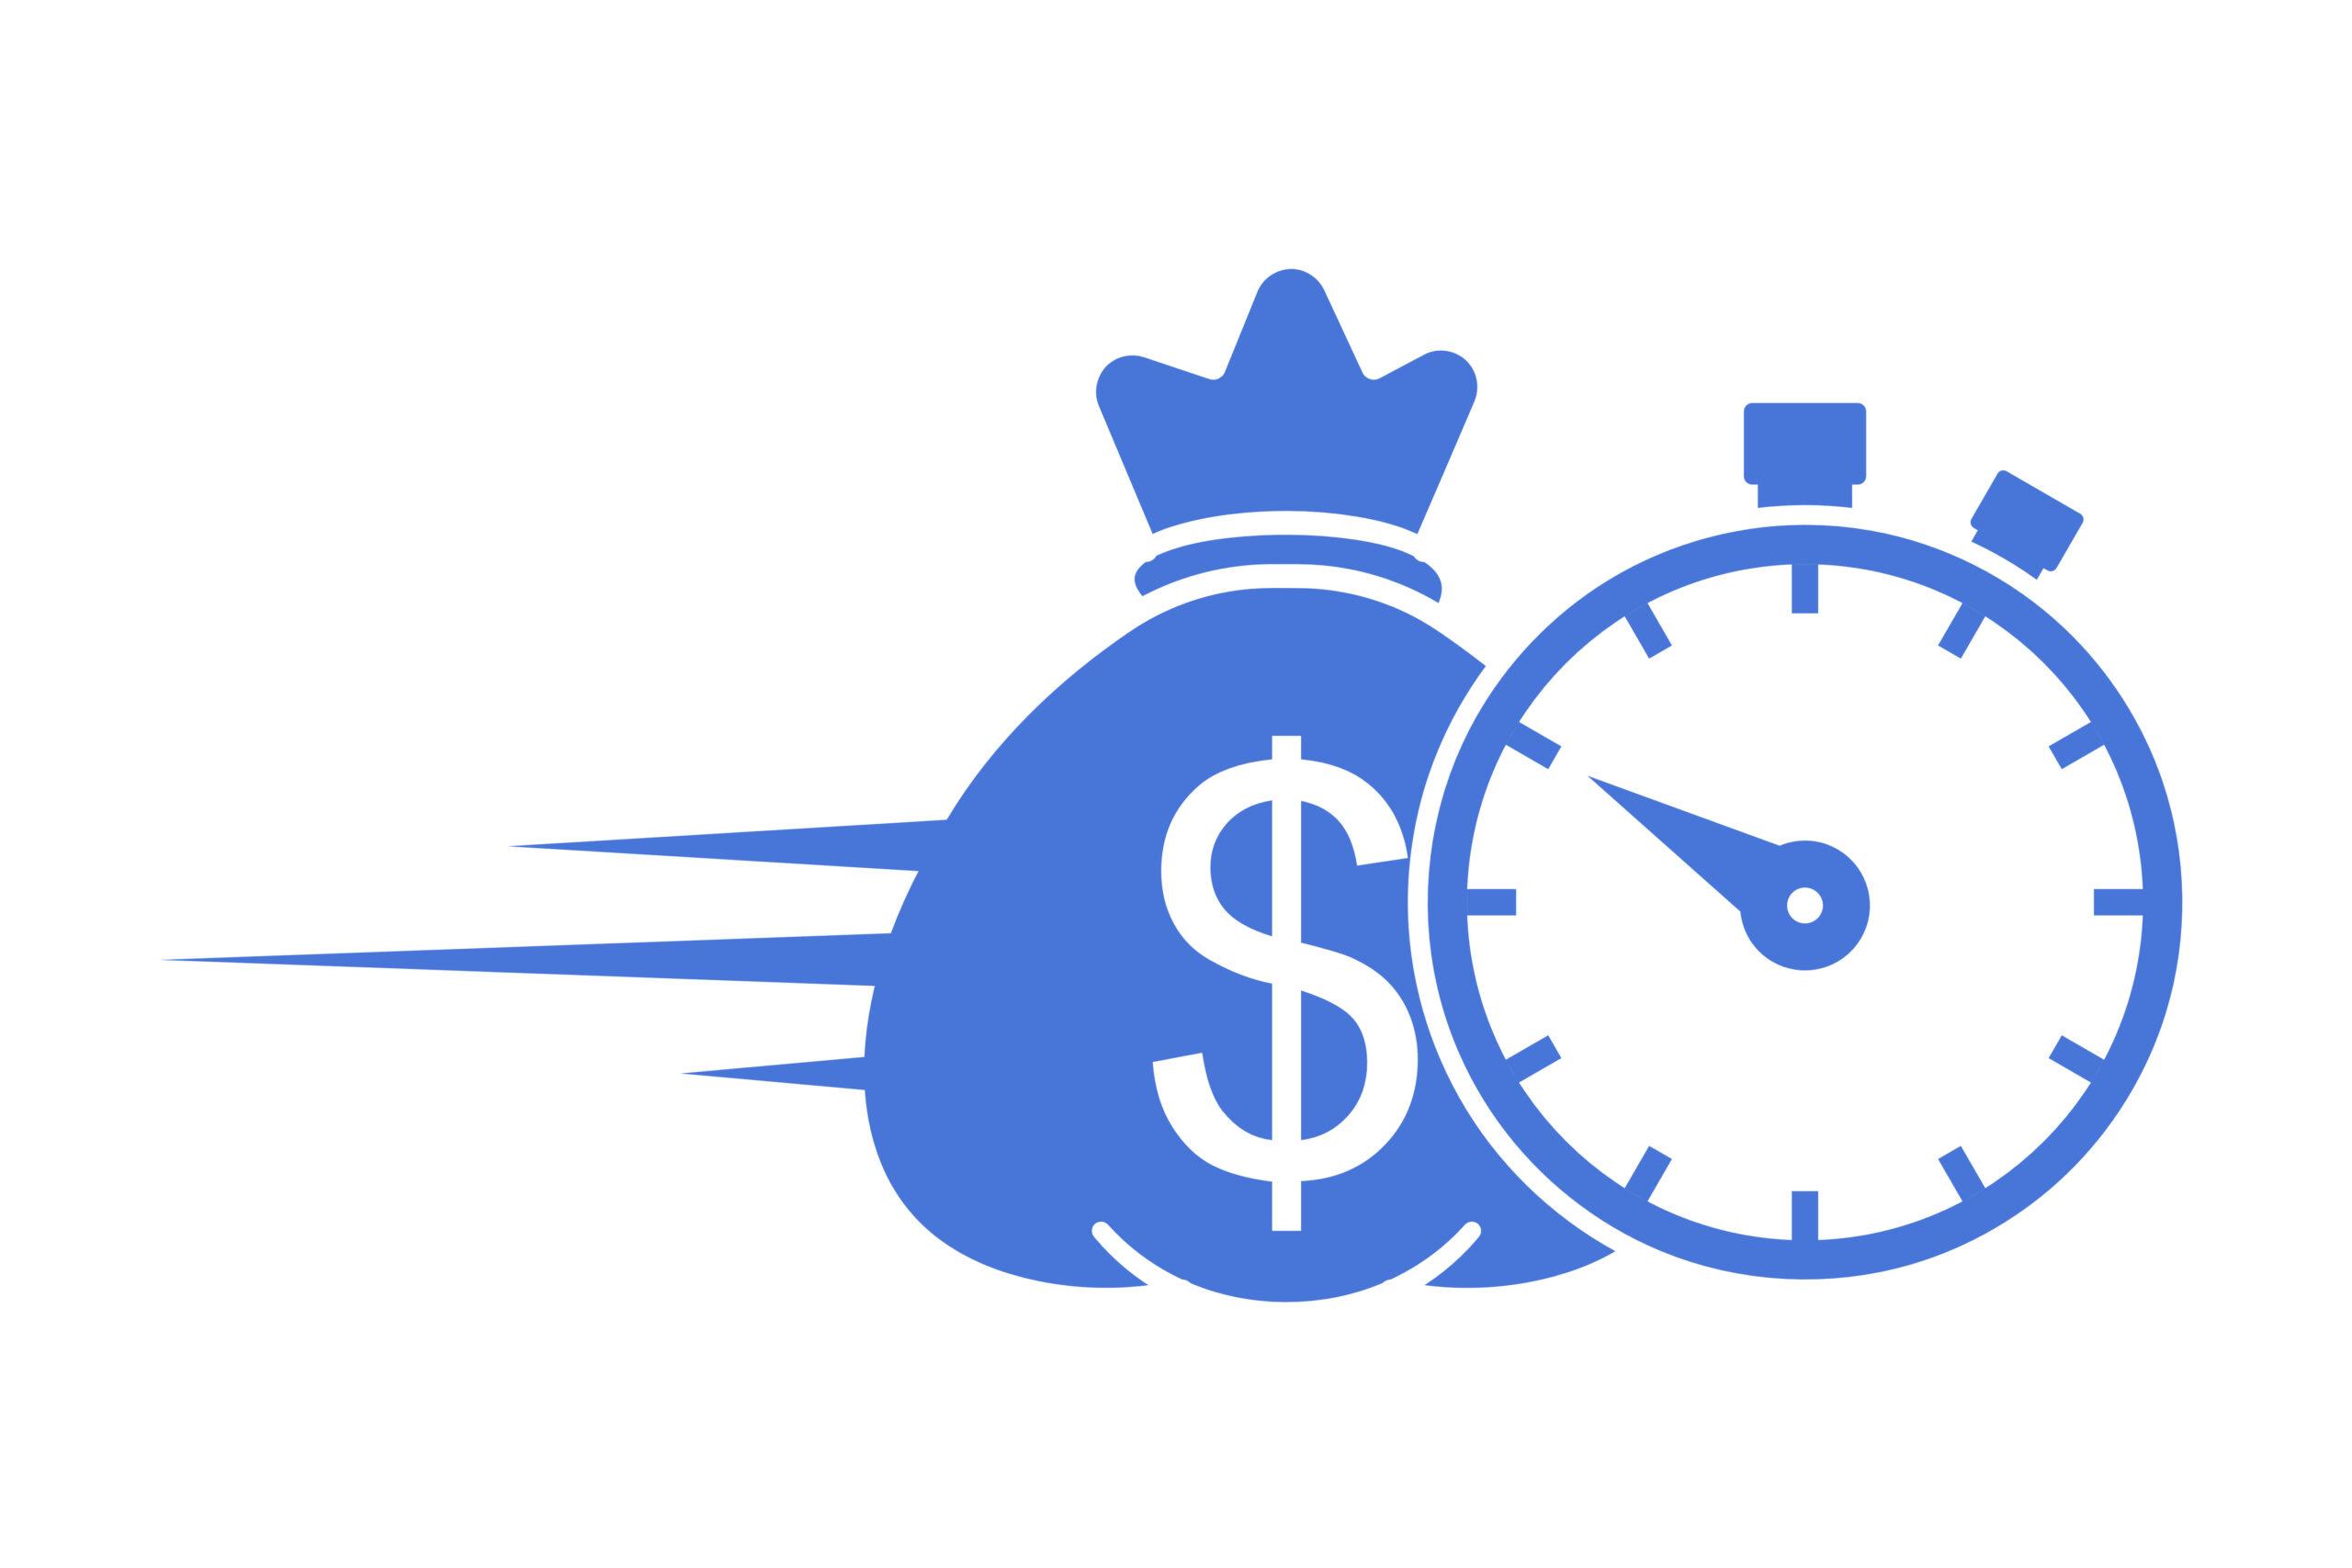 Бърз кредит, отпуснат от компания за бързи кредити